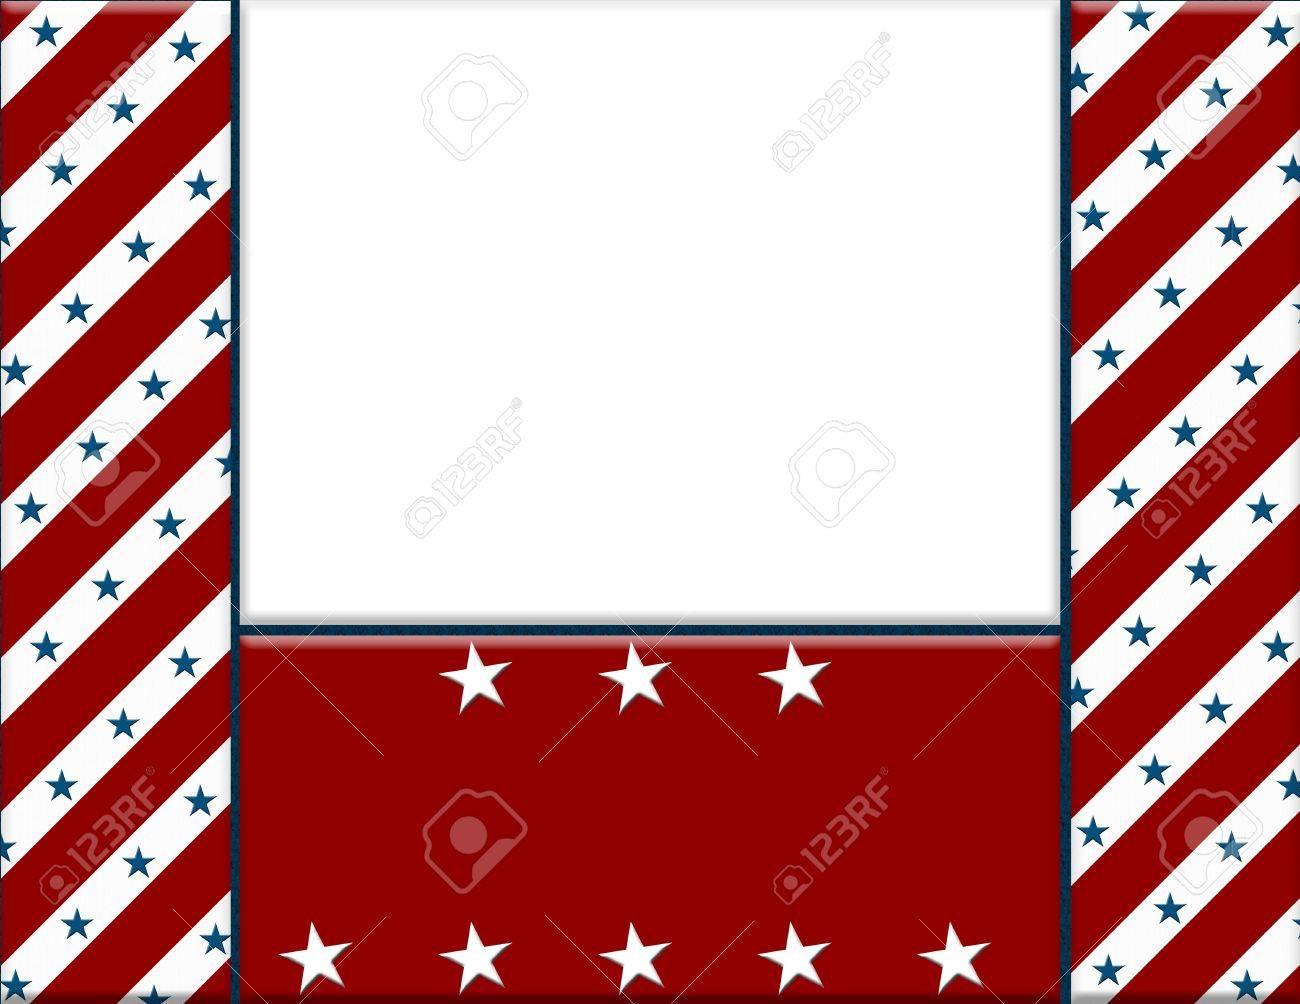 Red And White Amerikanische Feier Rahmen Für Ihre Nachricht Oder ...